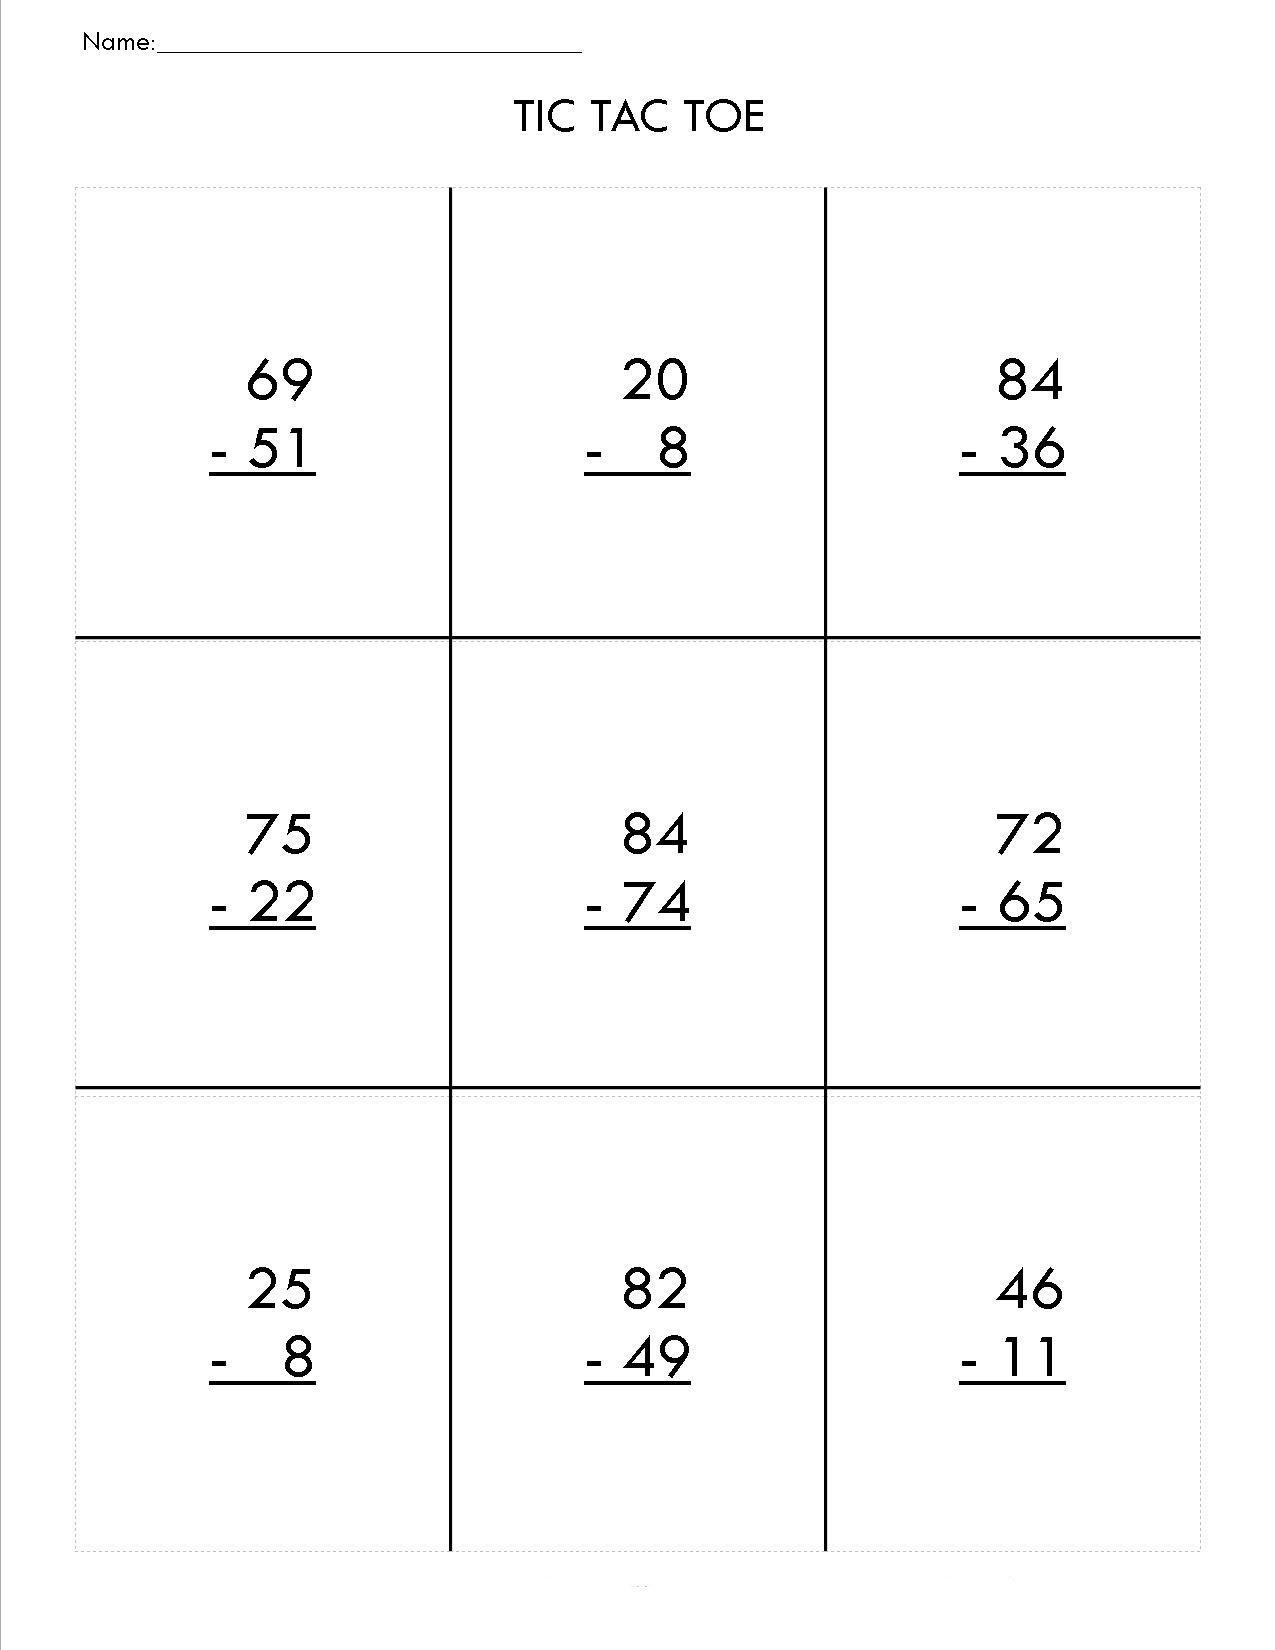 2nd Grade Math Worksheets Summer Math 2nd Grade Math Worksheets In 2020 2nd Grade Math Worksheets Math Worksheets 2nd Grade Math